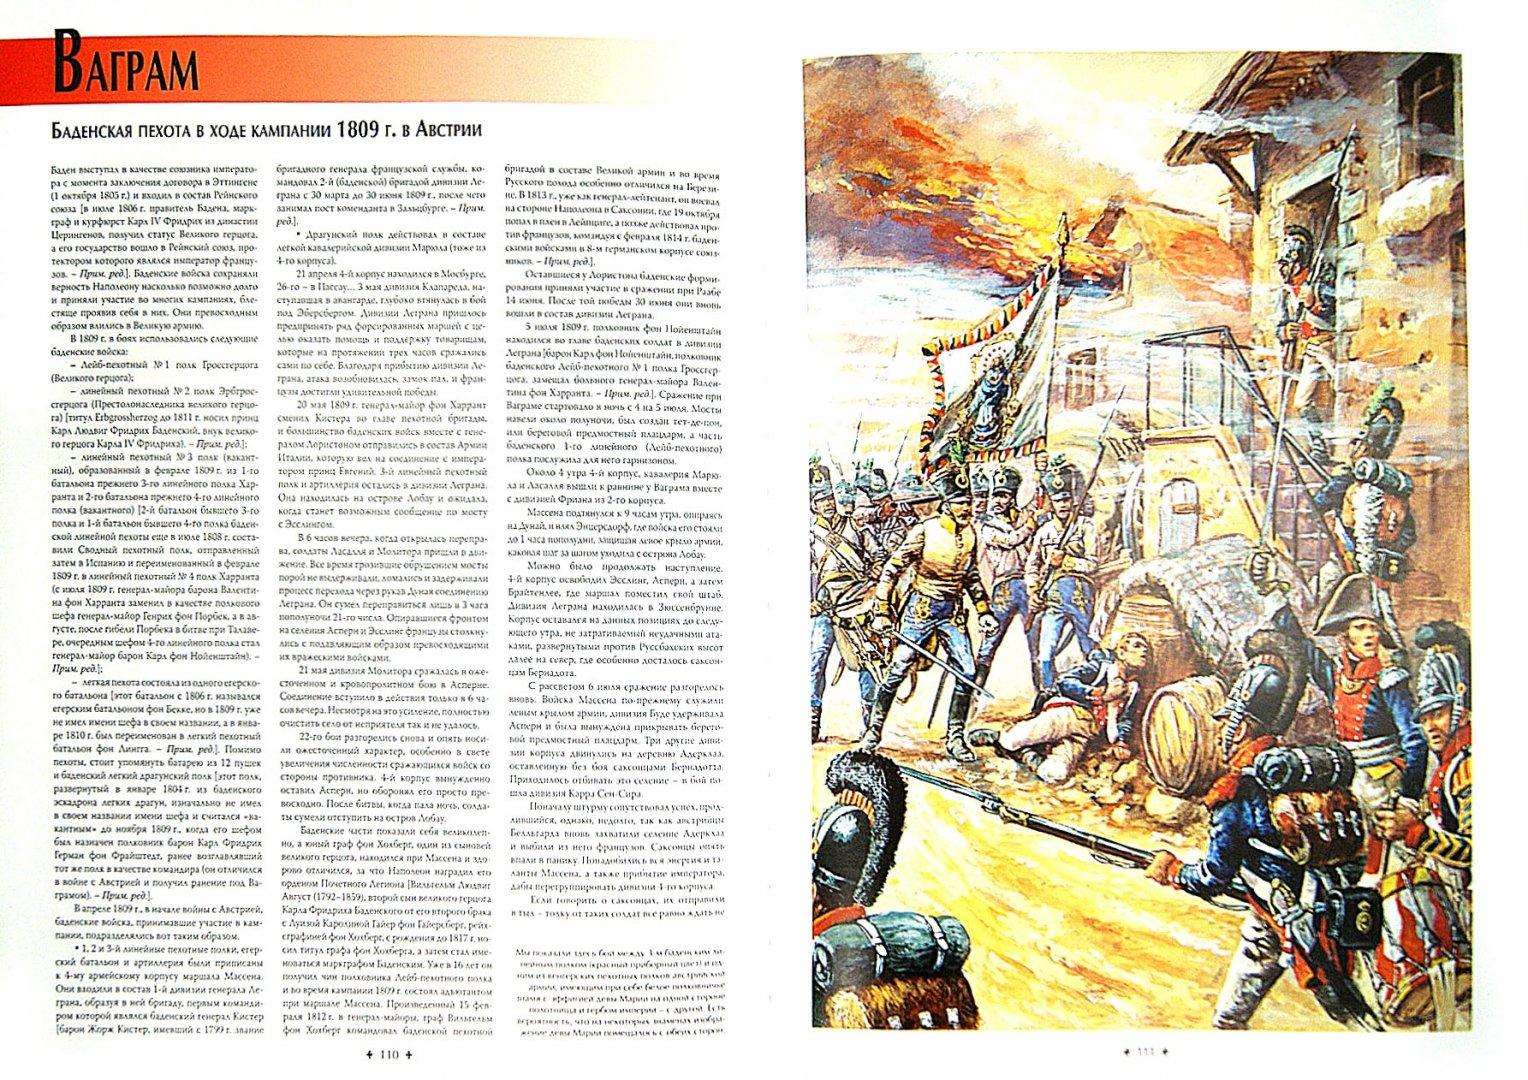 Иллюстрация 1 из 2 для Армия Наполеона. Солдаты и униформа 1796-1815 - Франсуа-Ги Уртулль   Лабиринт - книги. Источник: Лабиринт